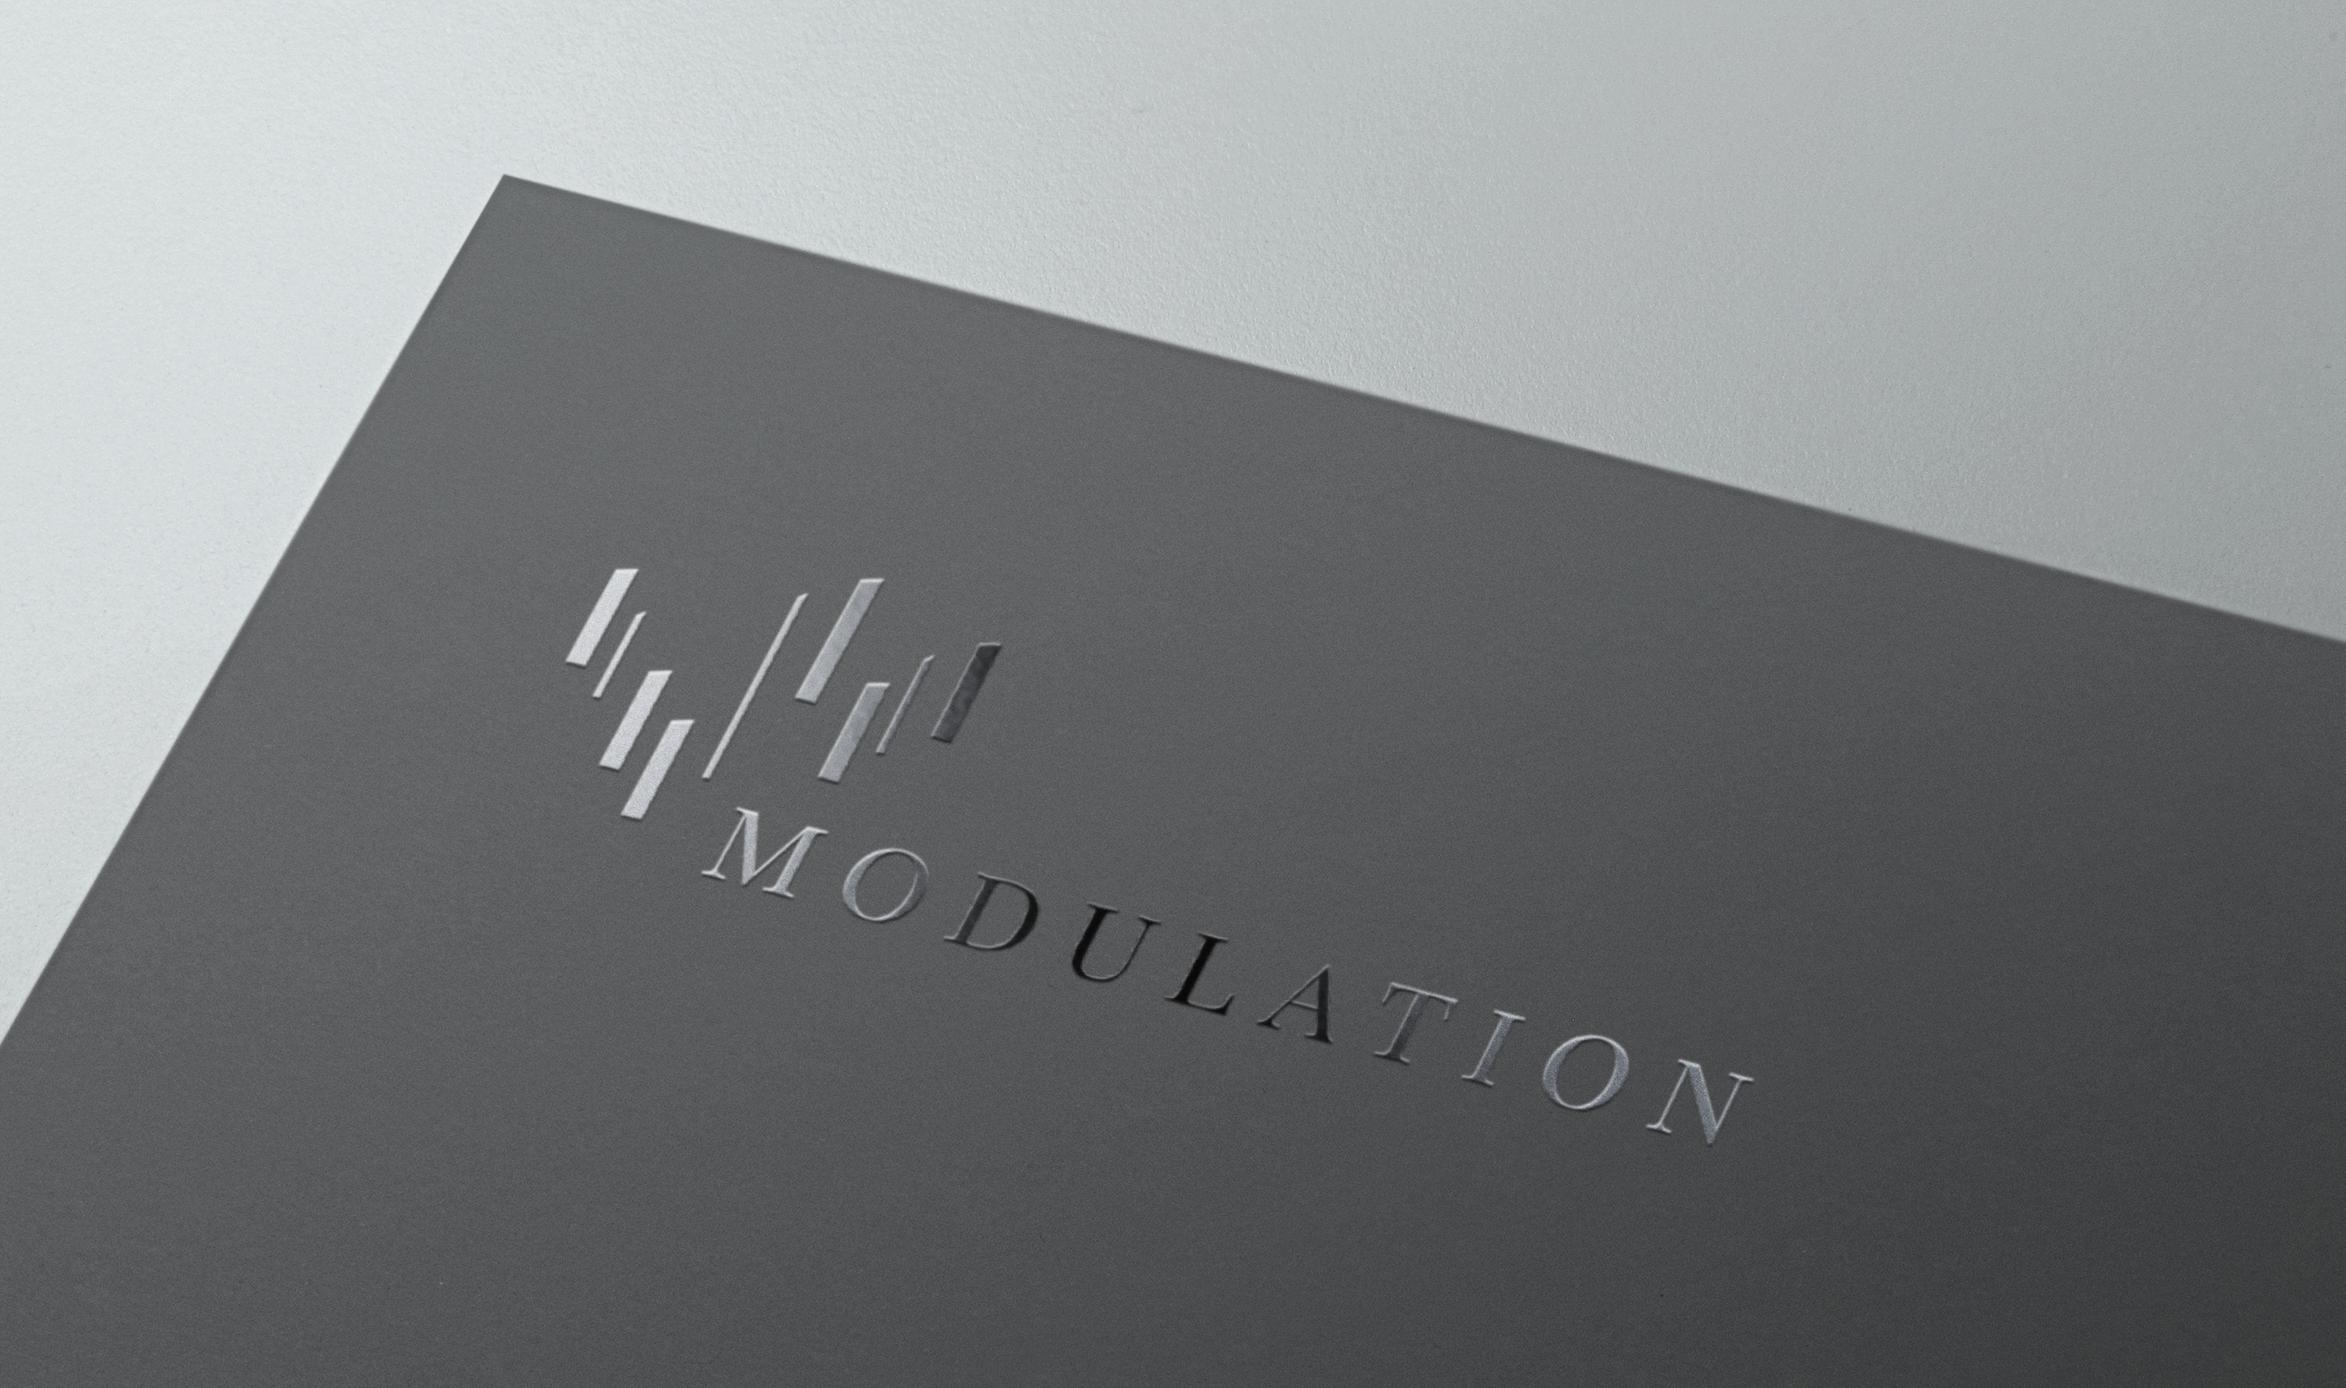 Sekundær-logo-modulation.png